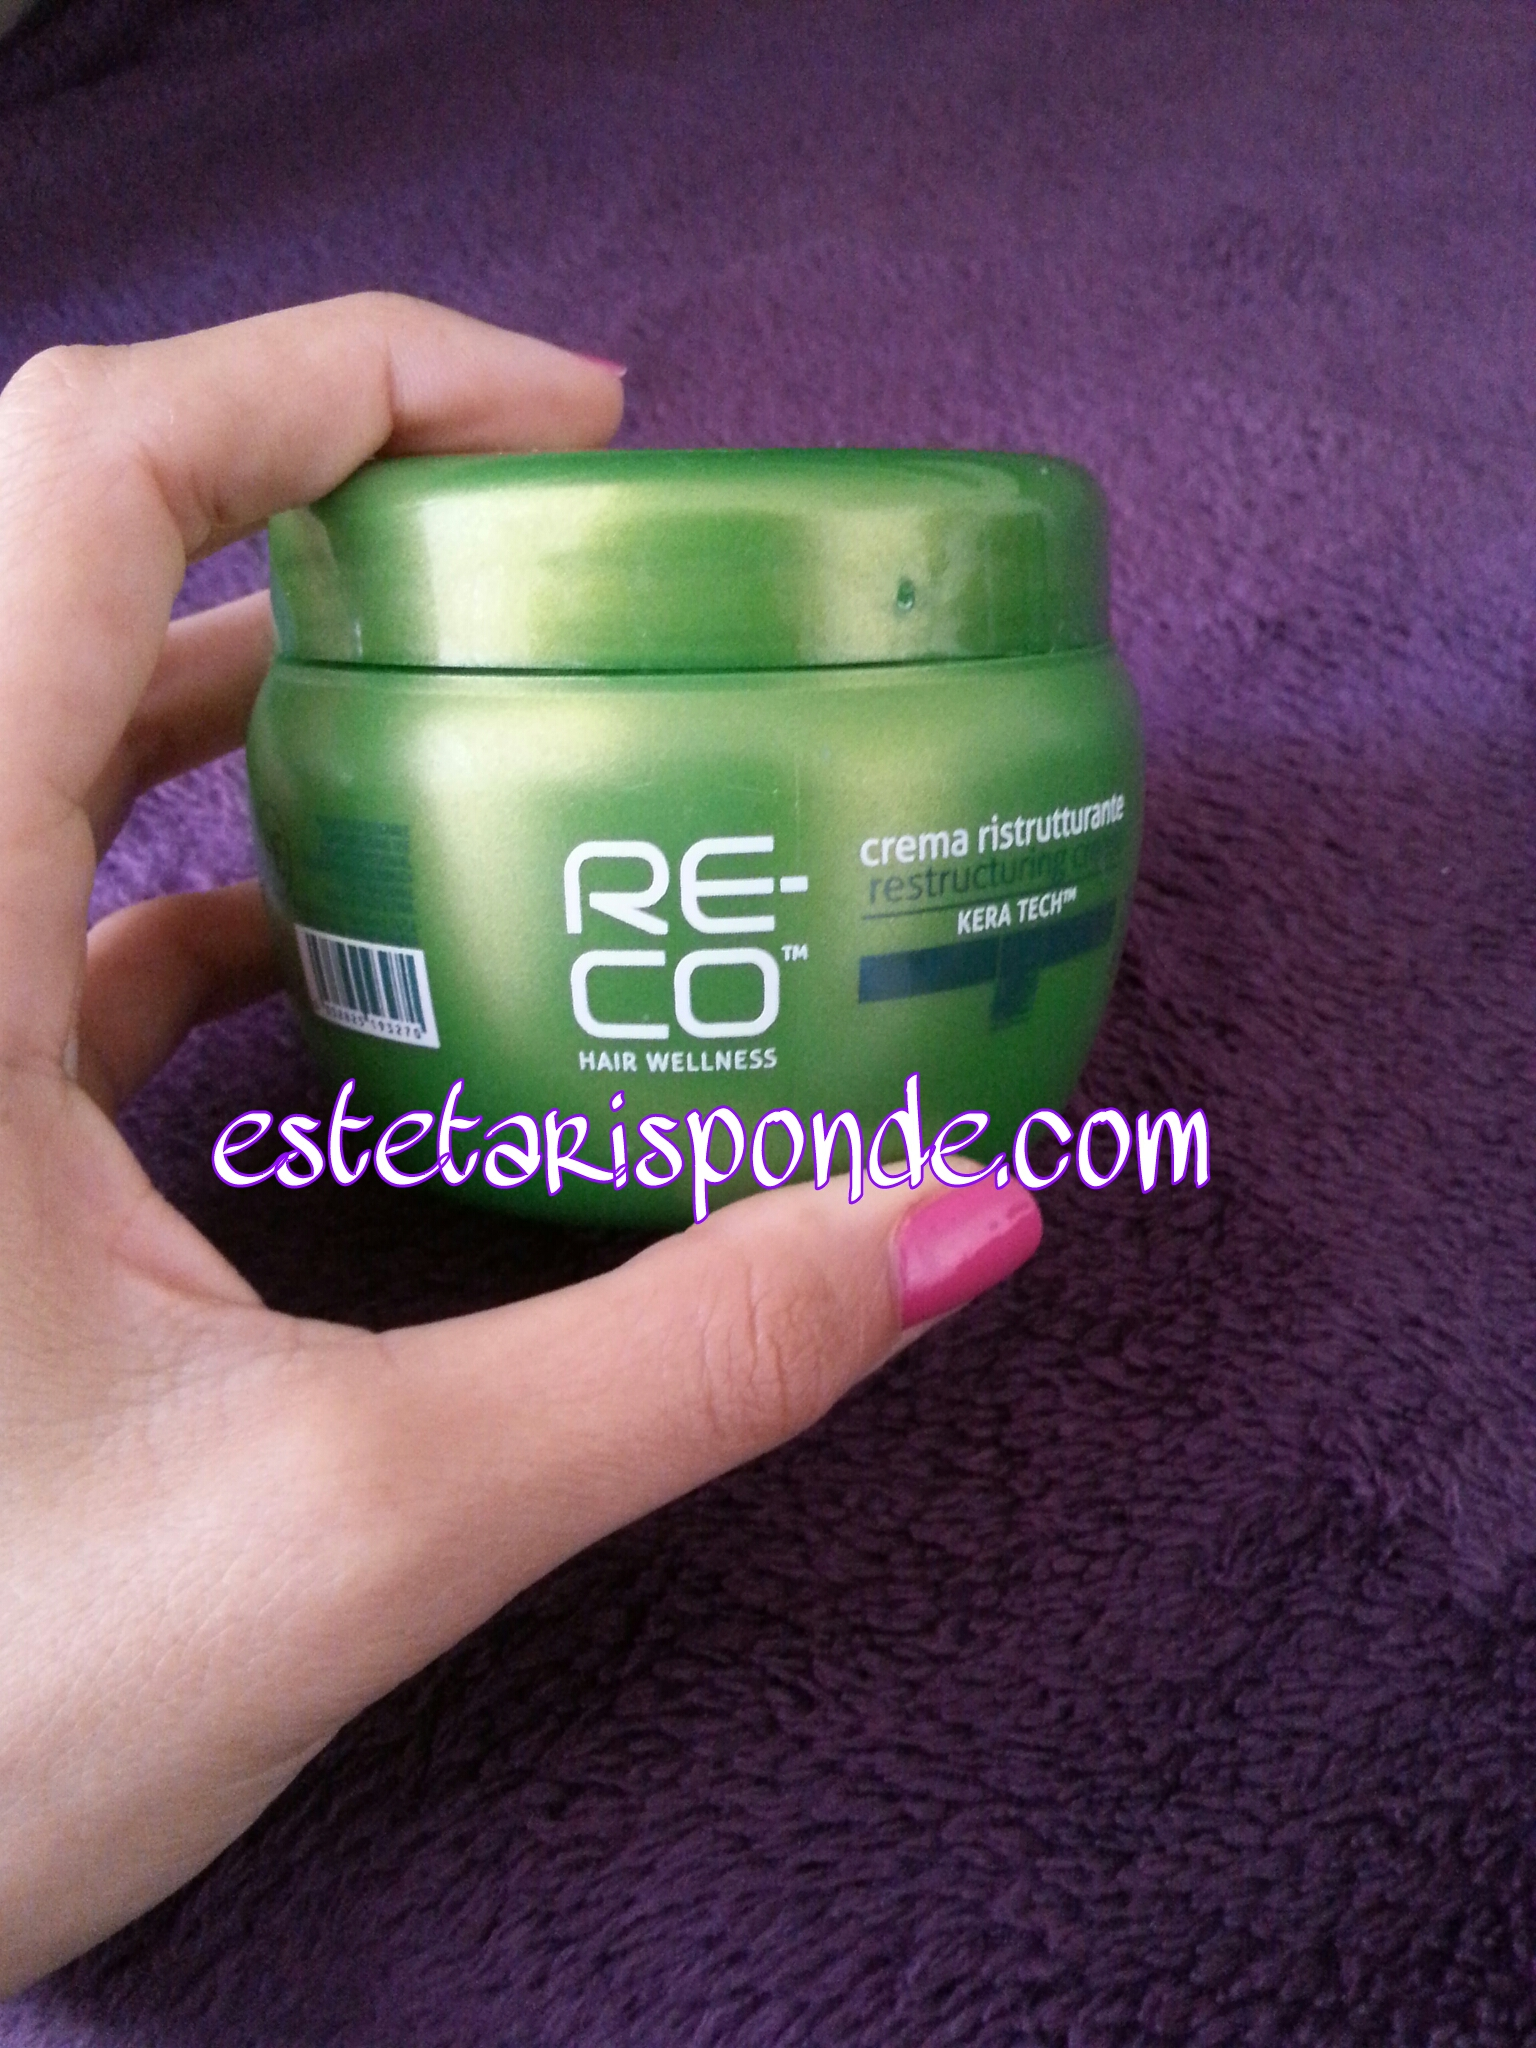 RE-CO crema ristrutturante per capelli